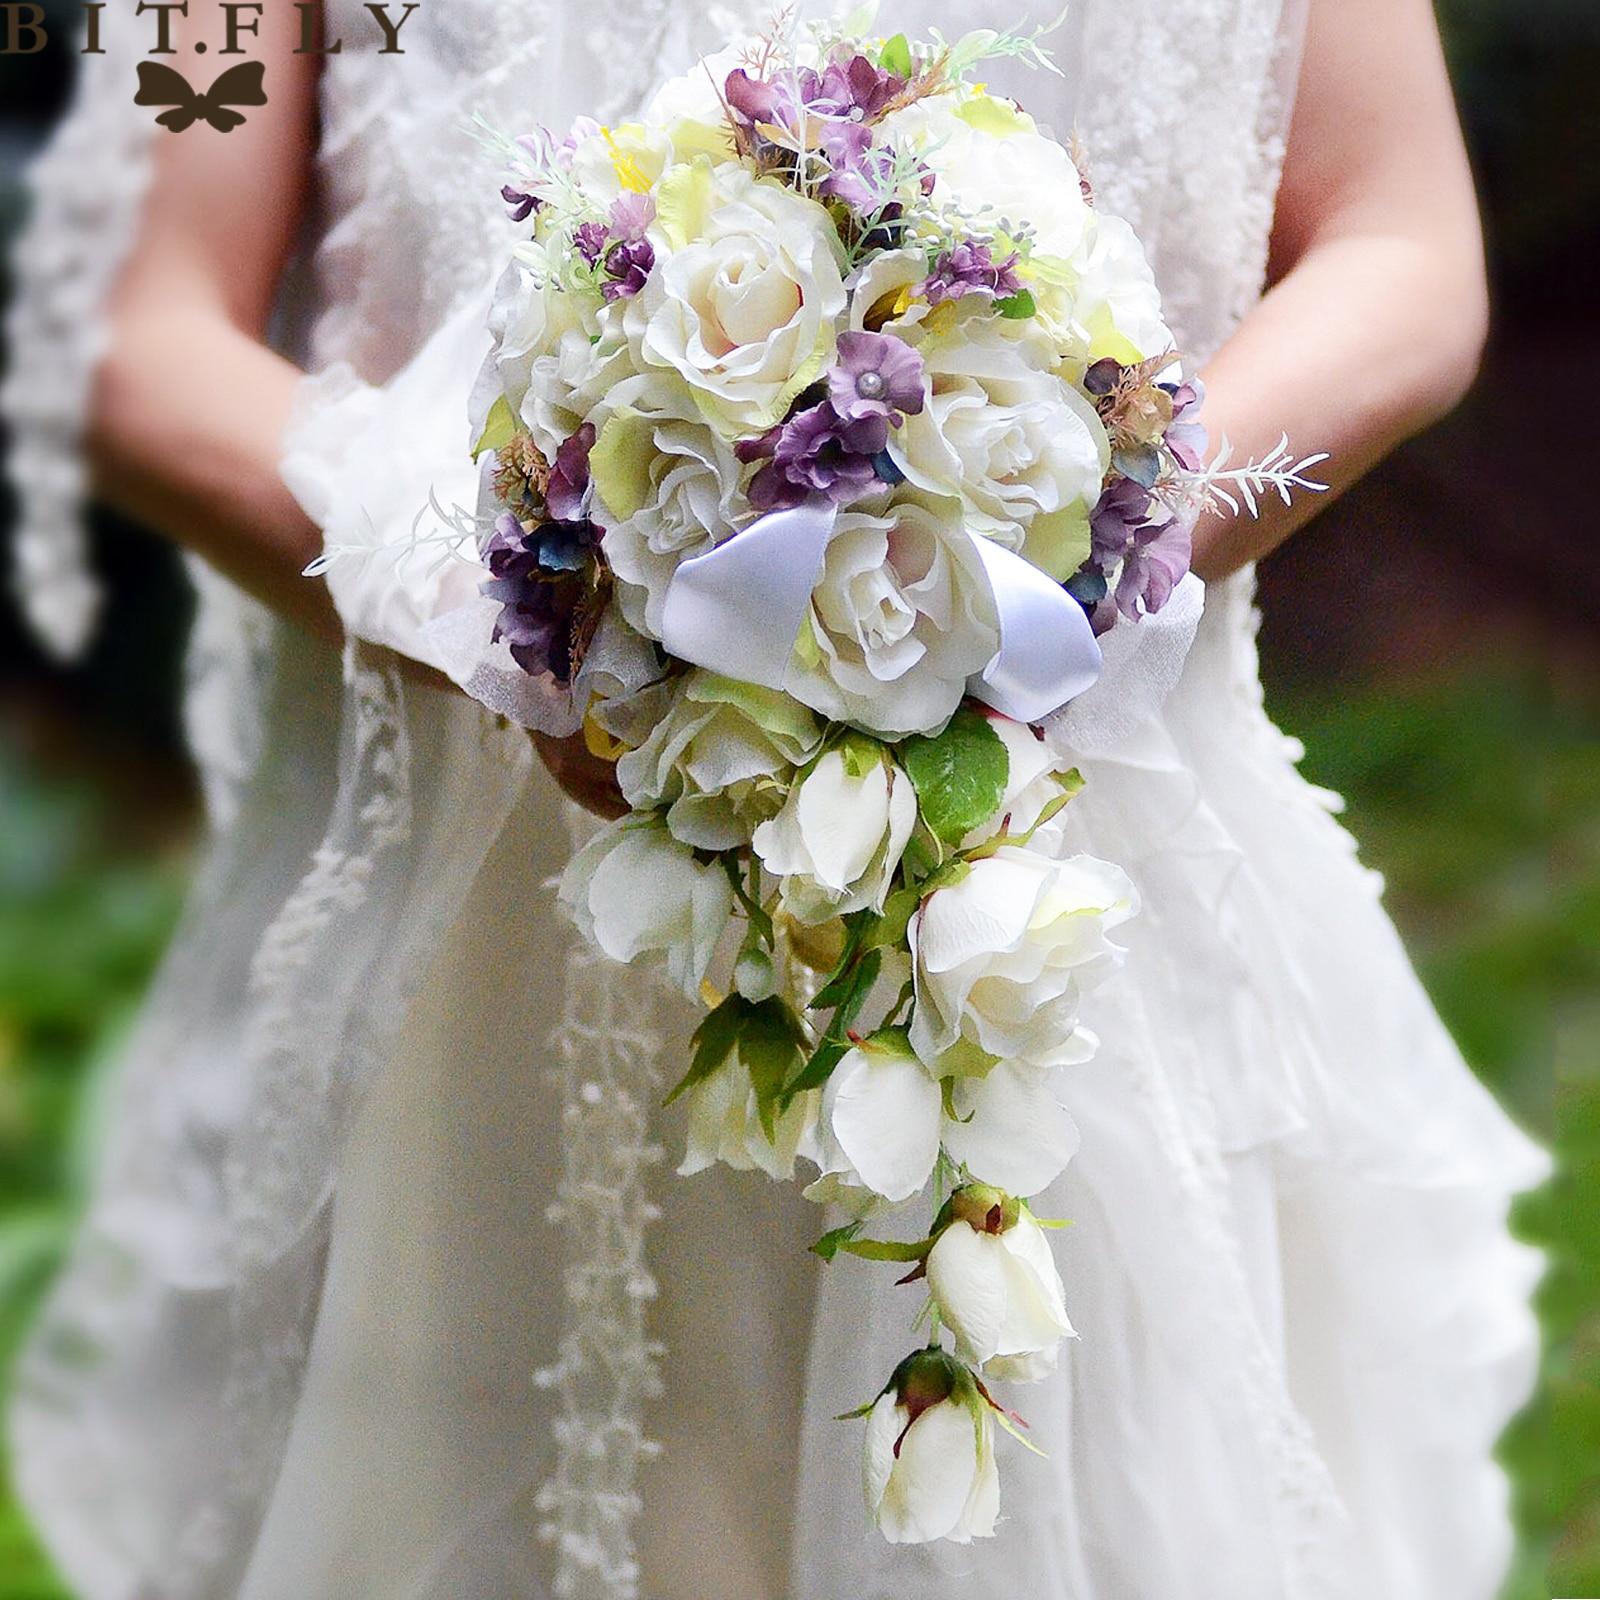 BIT. FLY (32x24x45 cm) décoration de mariage romantique cascade mariée fleur Bouquet soie artificielle nuptiale tenant des fleurs fournitures